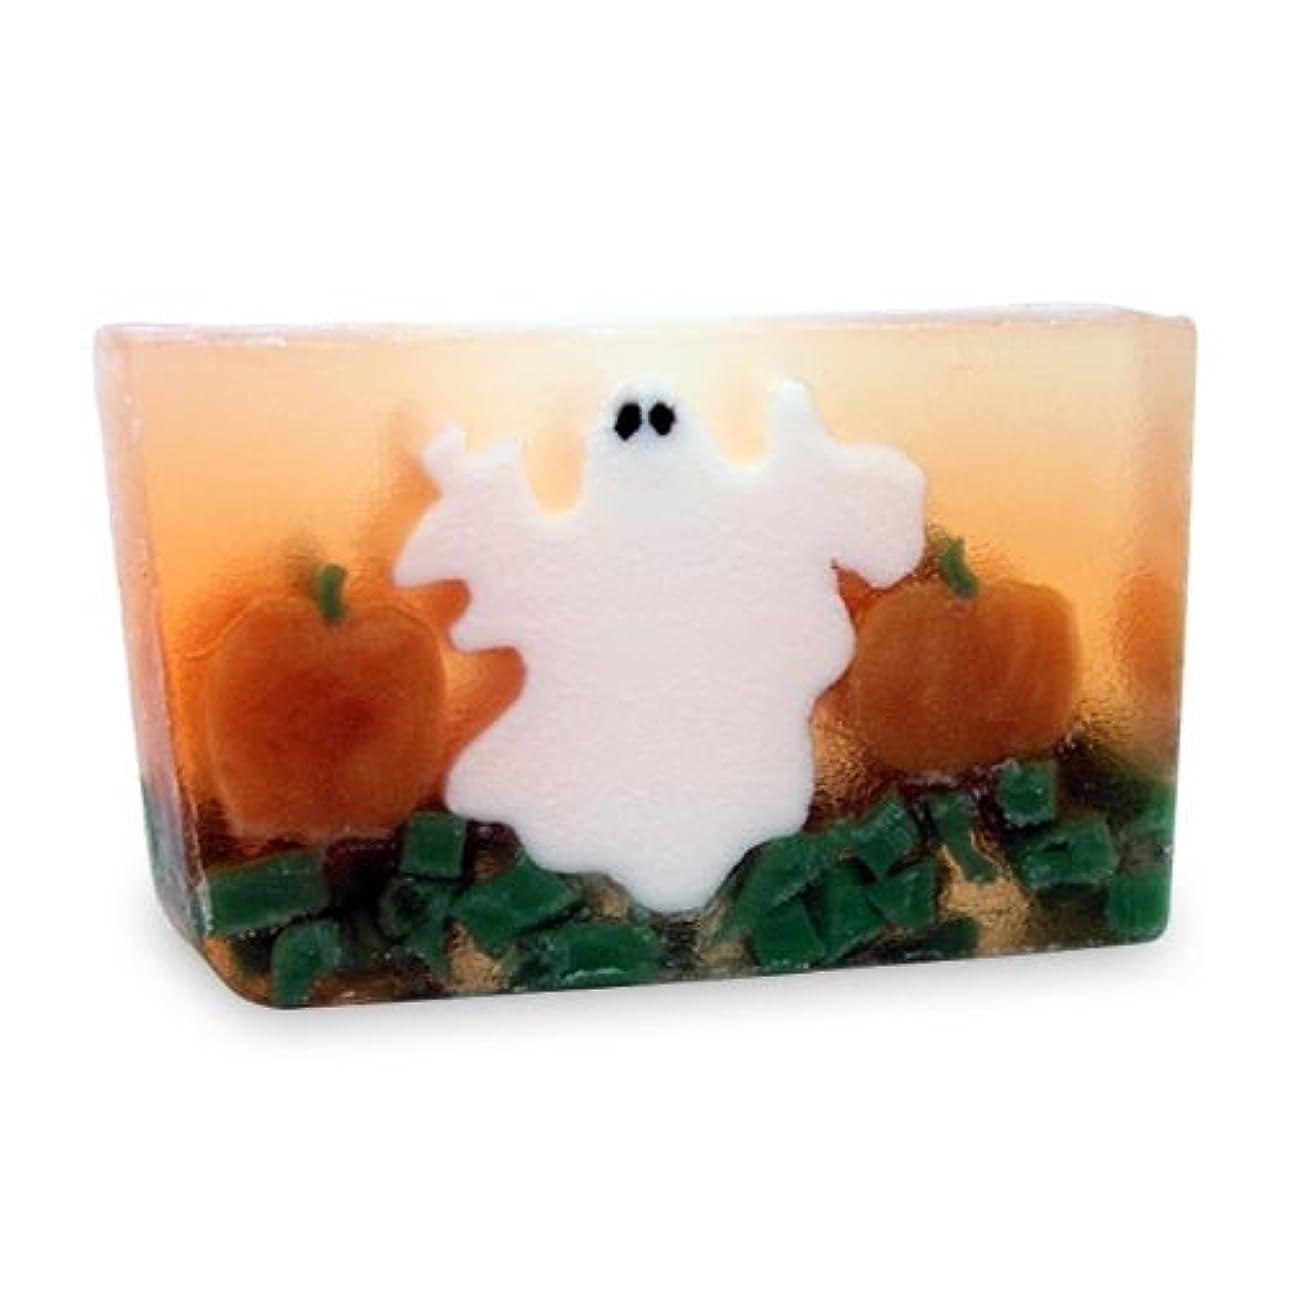 写真を描くで新しい意味プライモールエレメンツ アロマティック ソープ ゴースト 180g ハロウィンにおすすめ植物性のナチュラル石鹸